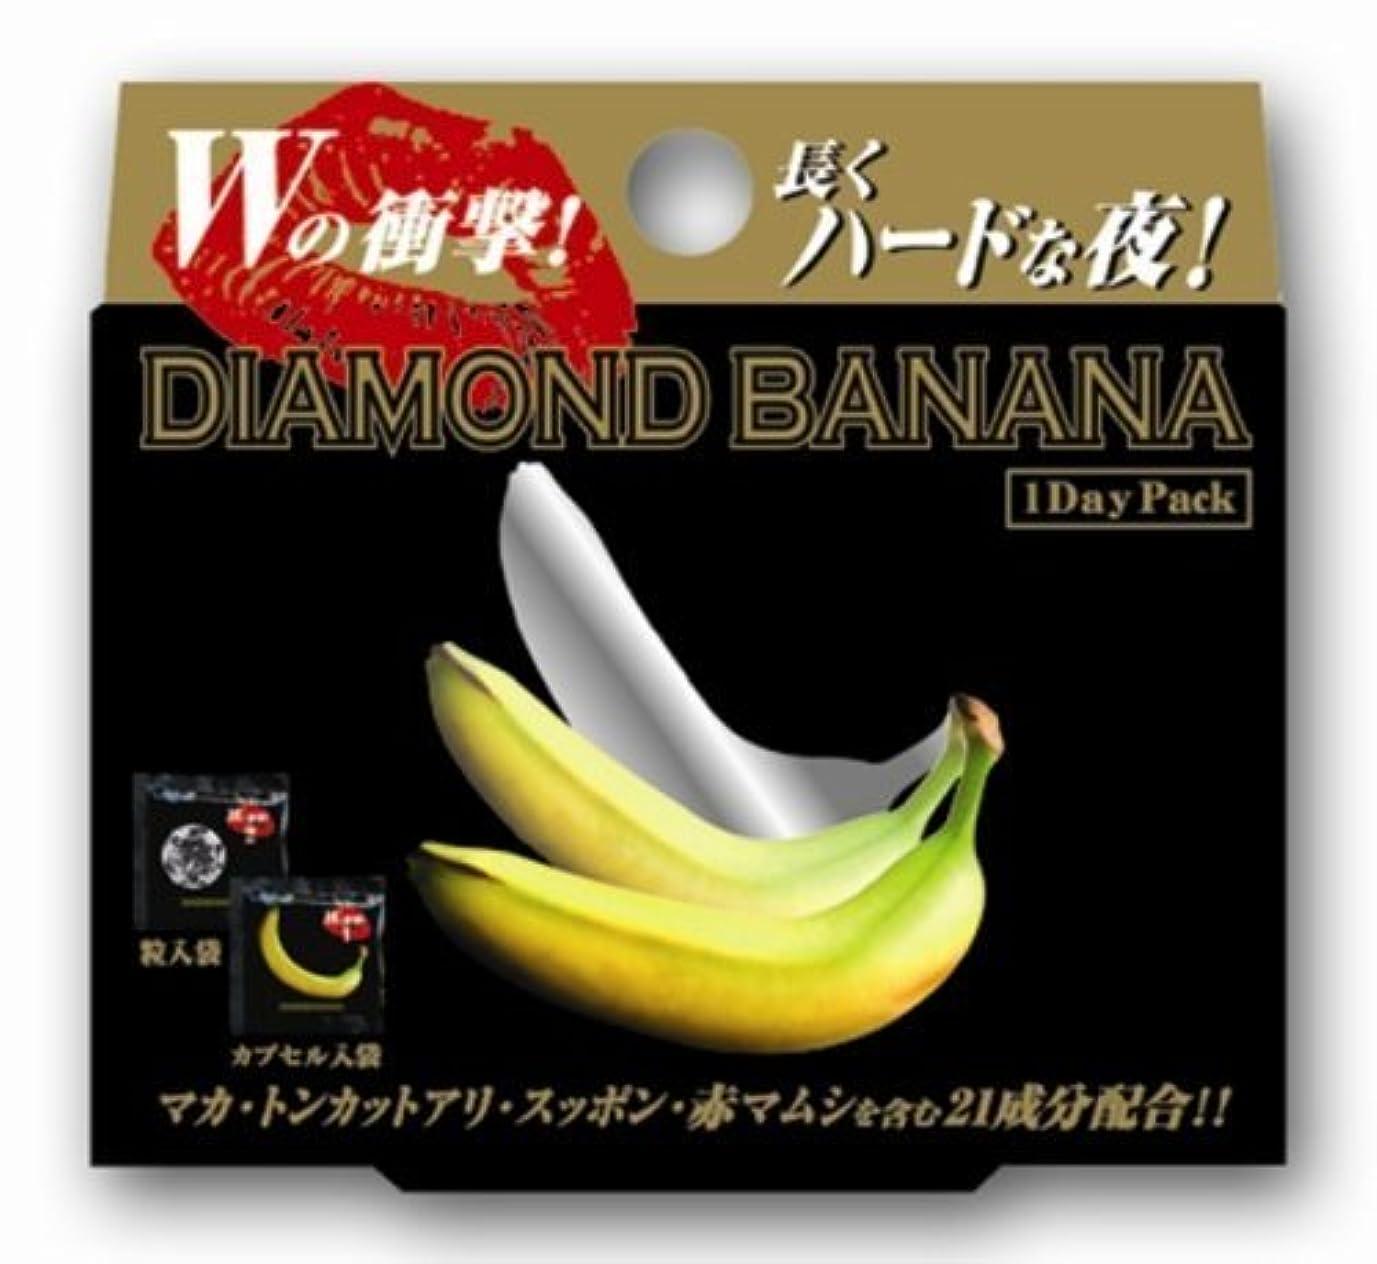 投げ捨てる区別するペンダント【2個セット】ダイヤモンドバナナ 1DAYパック